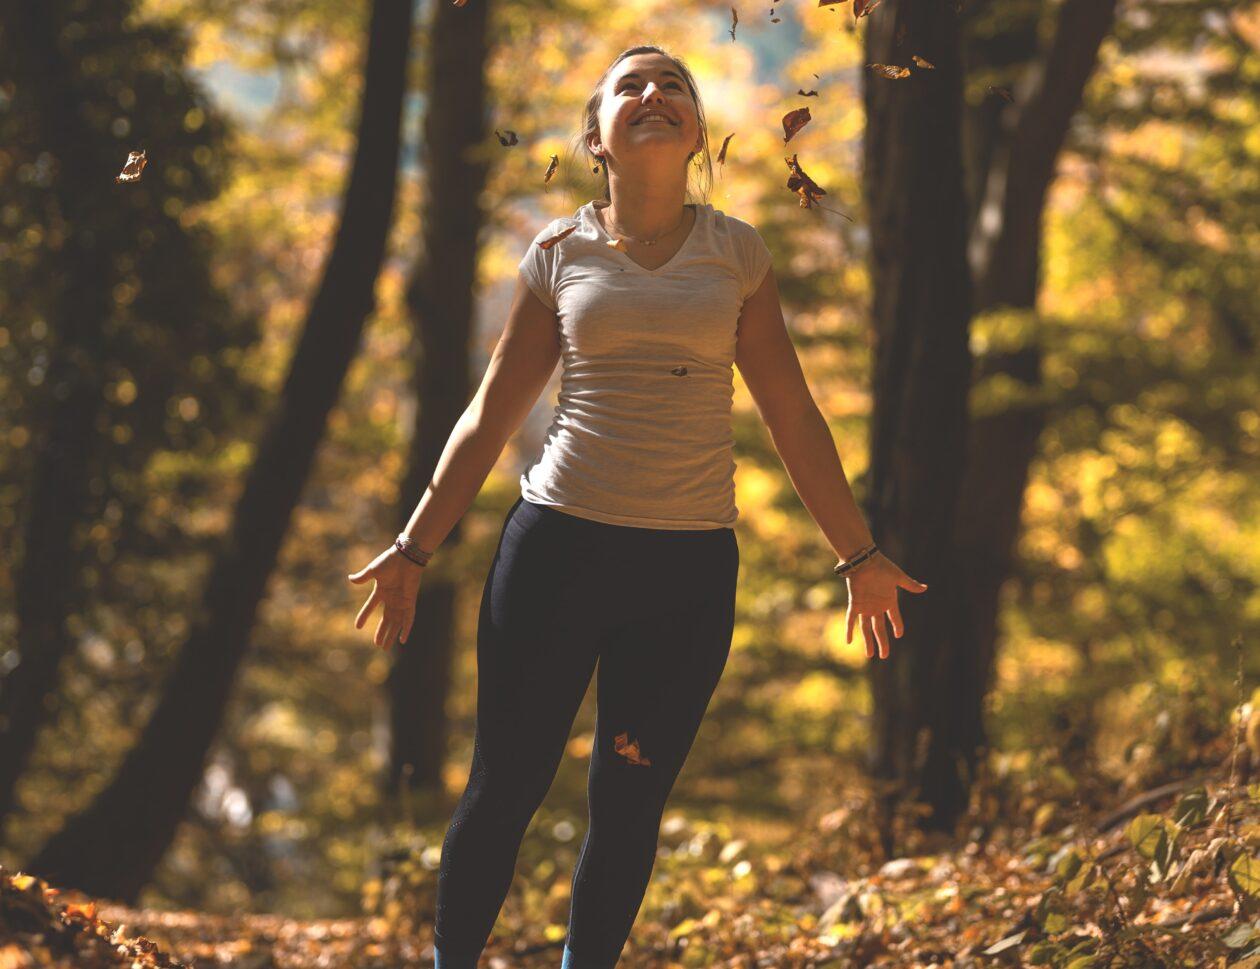 Πέντε σημαντικοί λόγοι για να επιλέξει κάποιος την άσκηση και τα σπορ 1